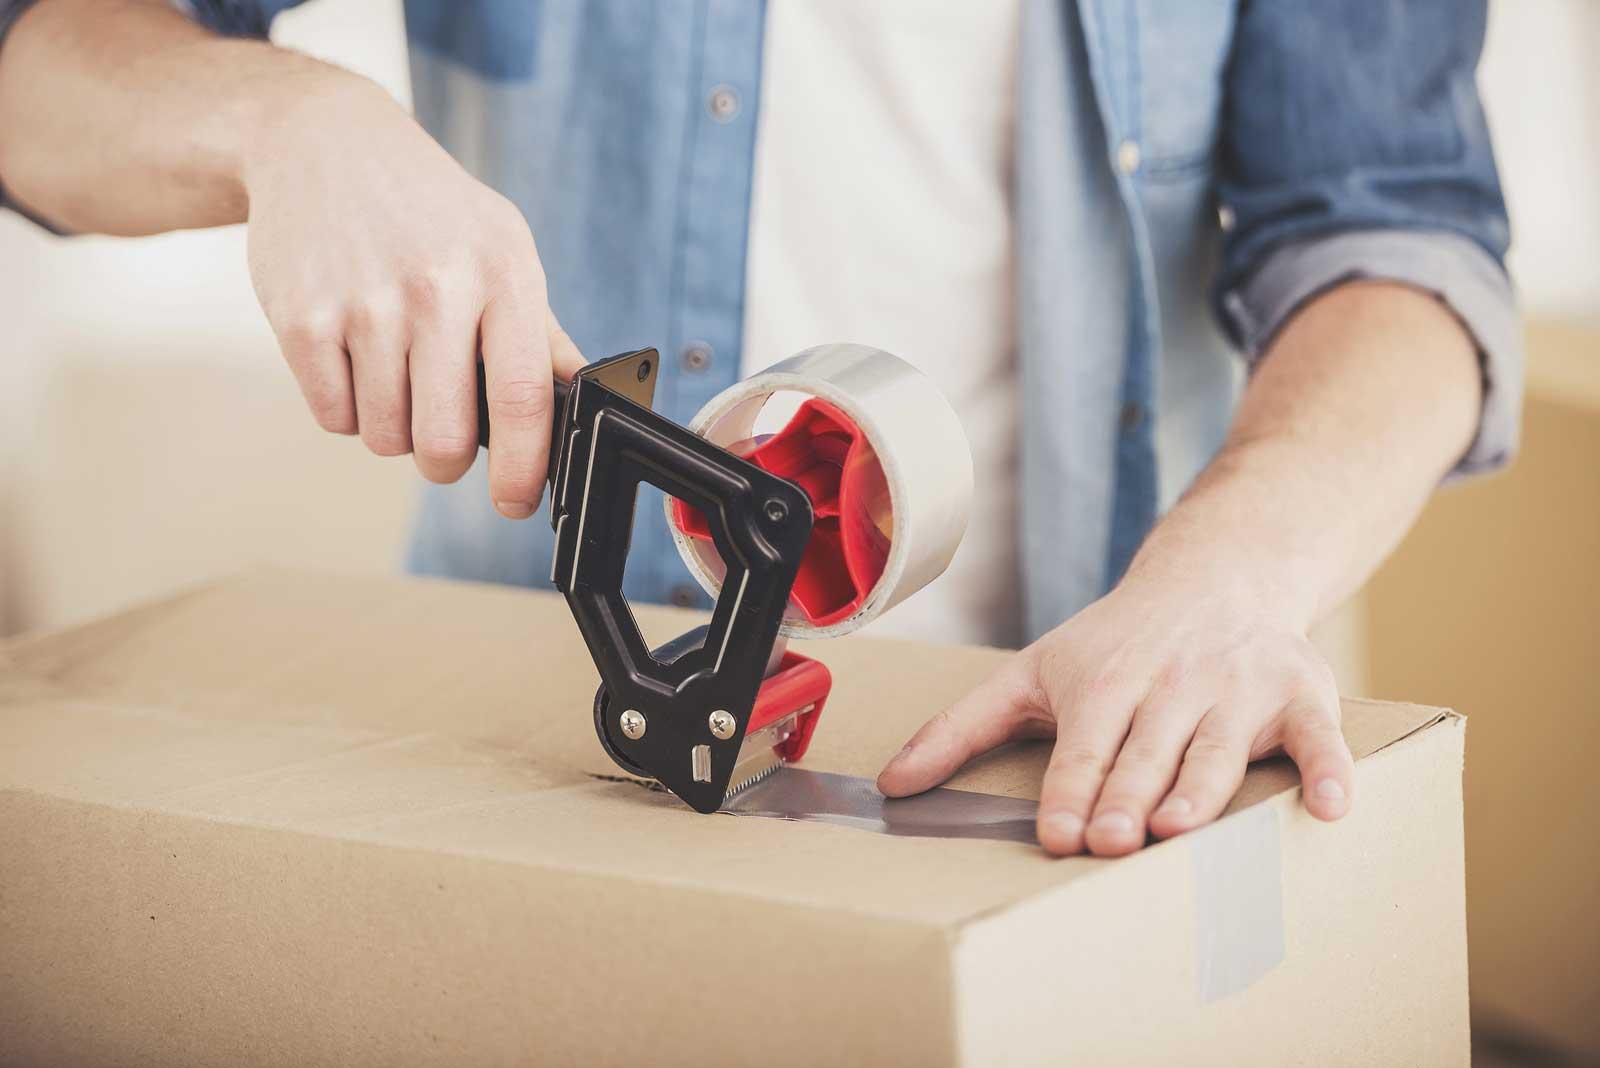 Un joven pone cinta de embalaje en una caja para poner en almacenamiento.